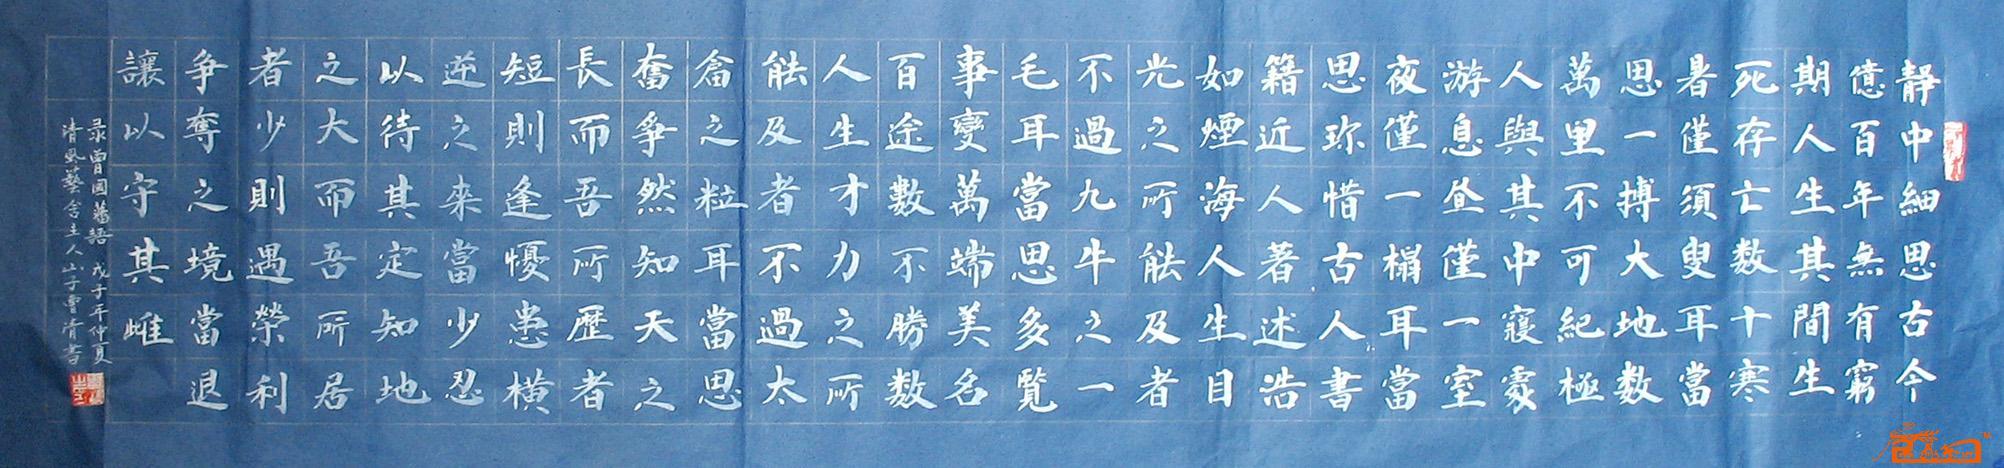 曾国藩名言:人生一世只有两件事 - 厚德载福 - 厚德载福的博客